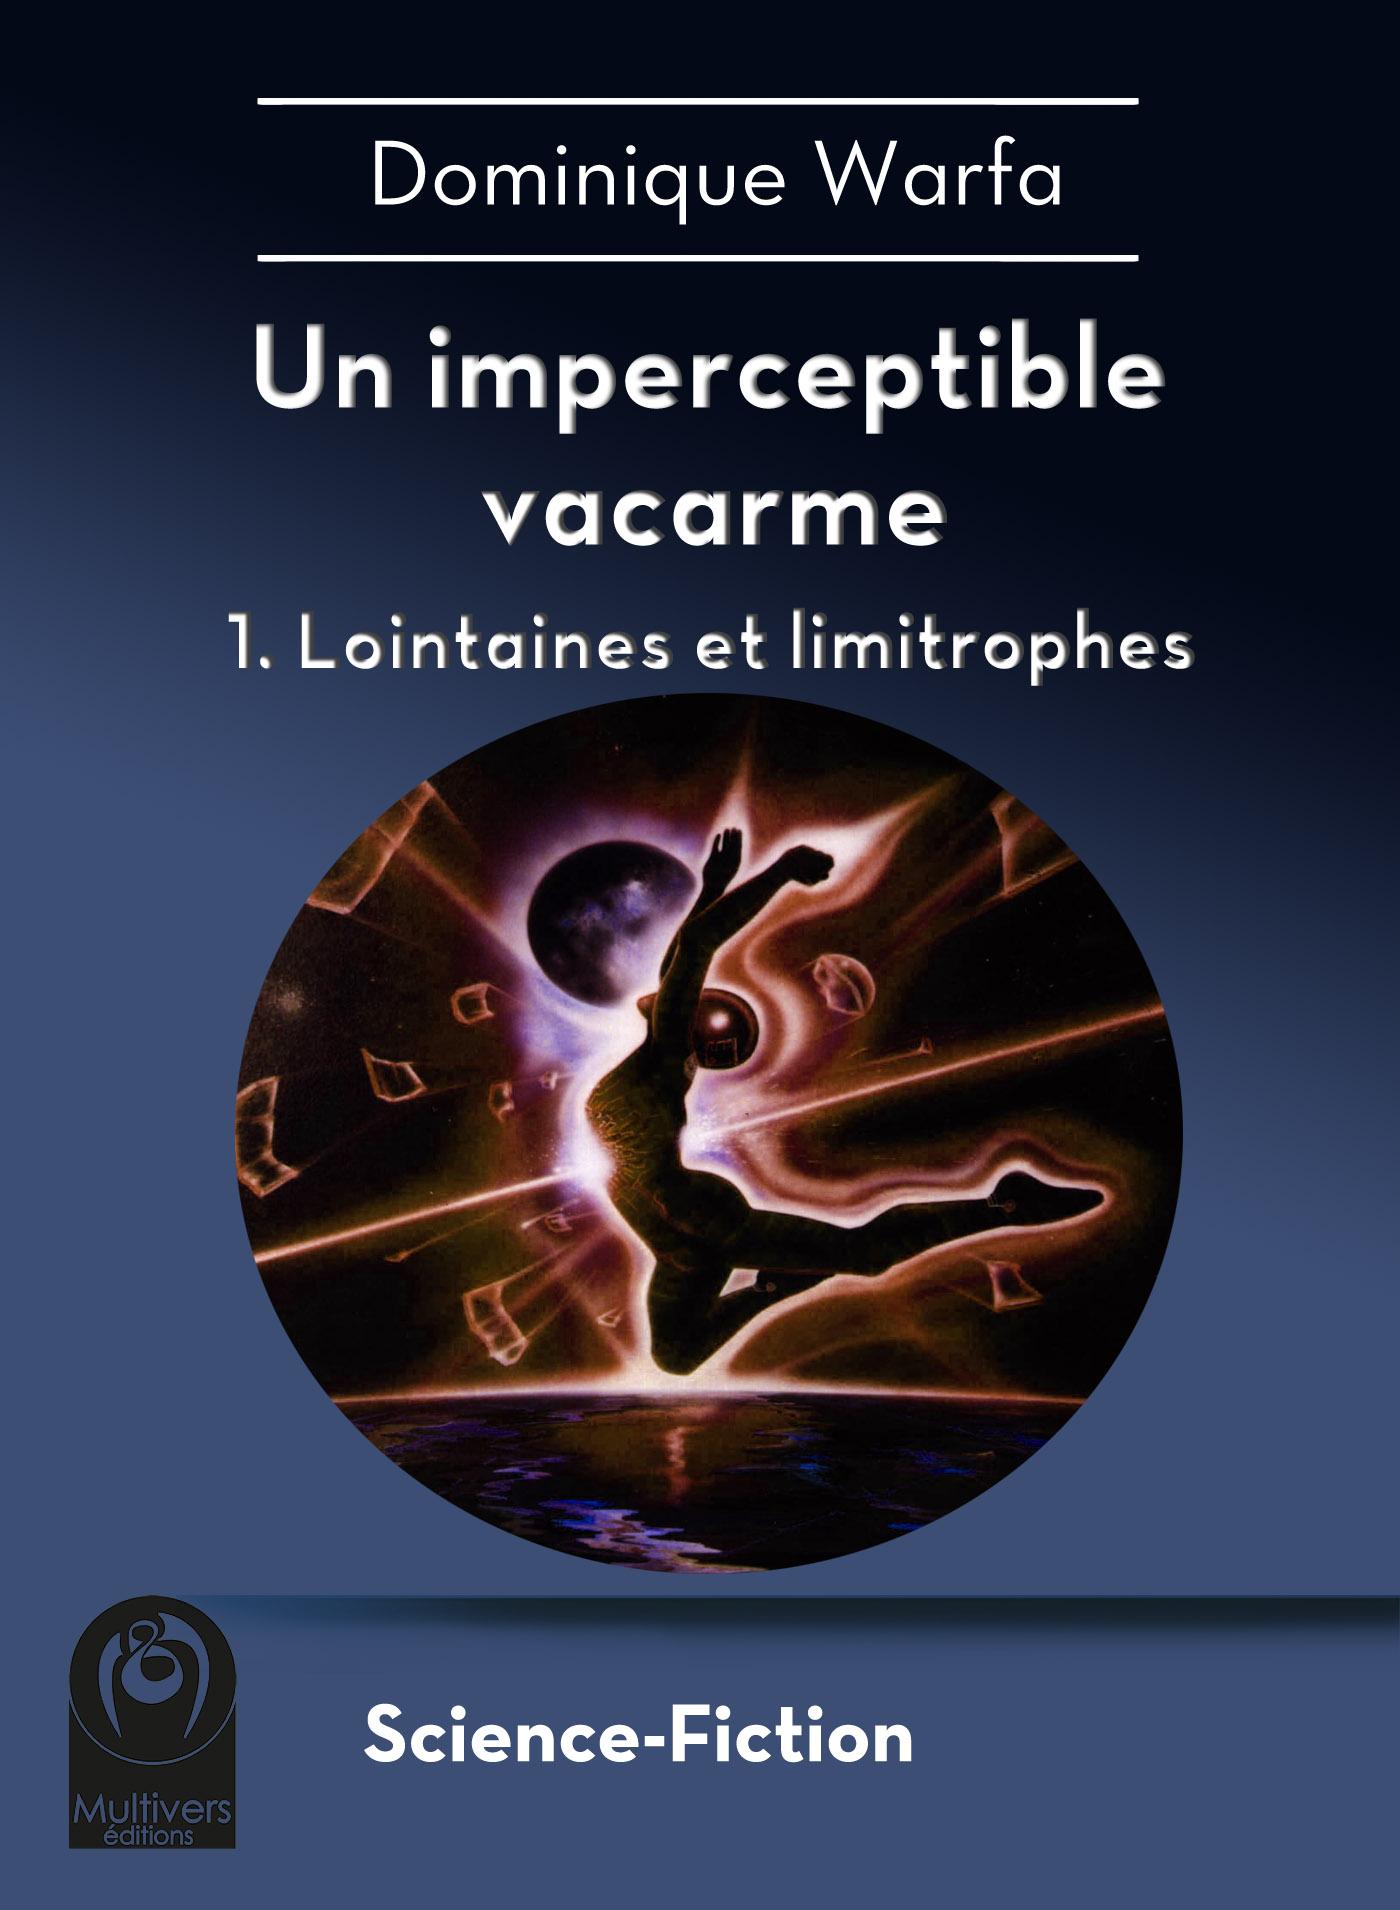 Un imperceptible vacarme – 1. Lointaines et limitrophes